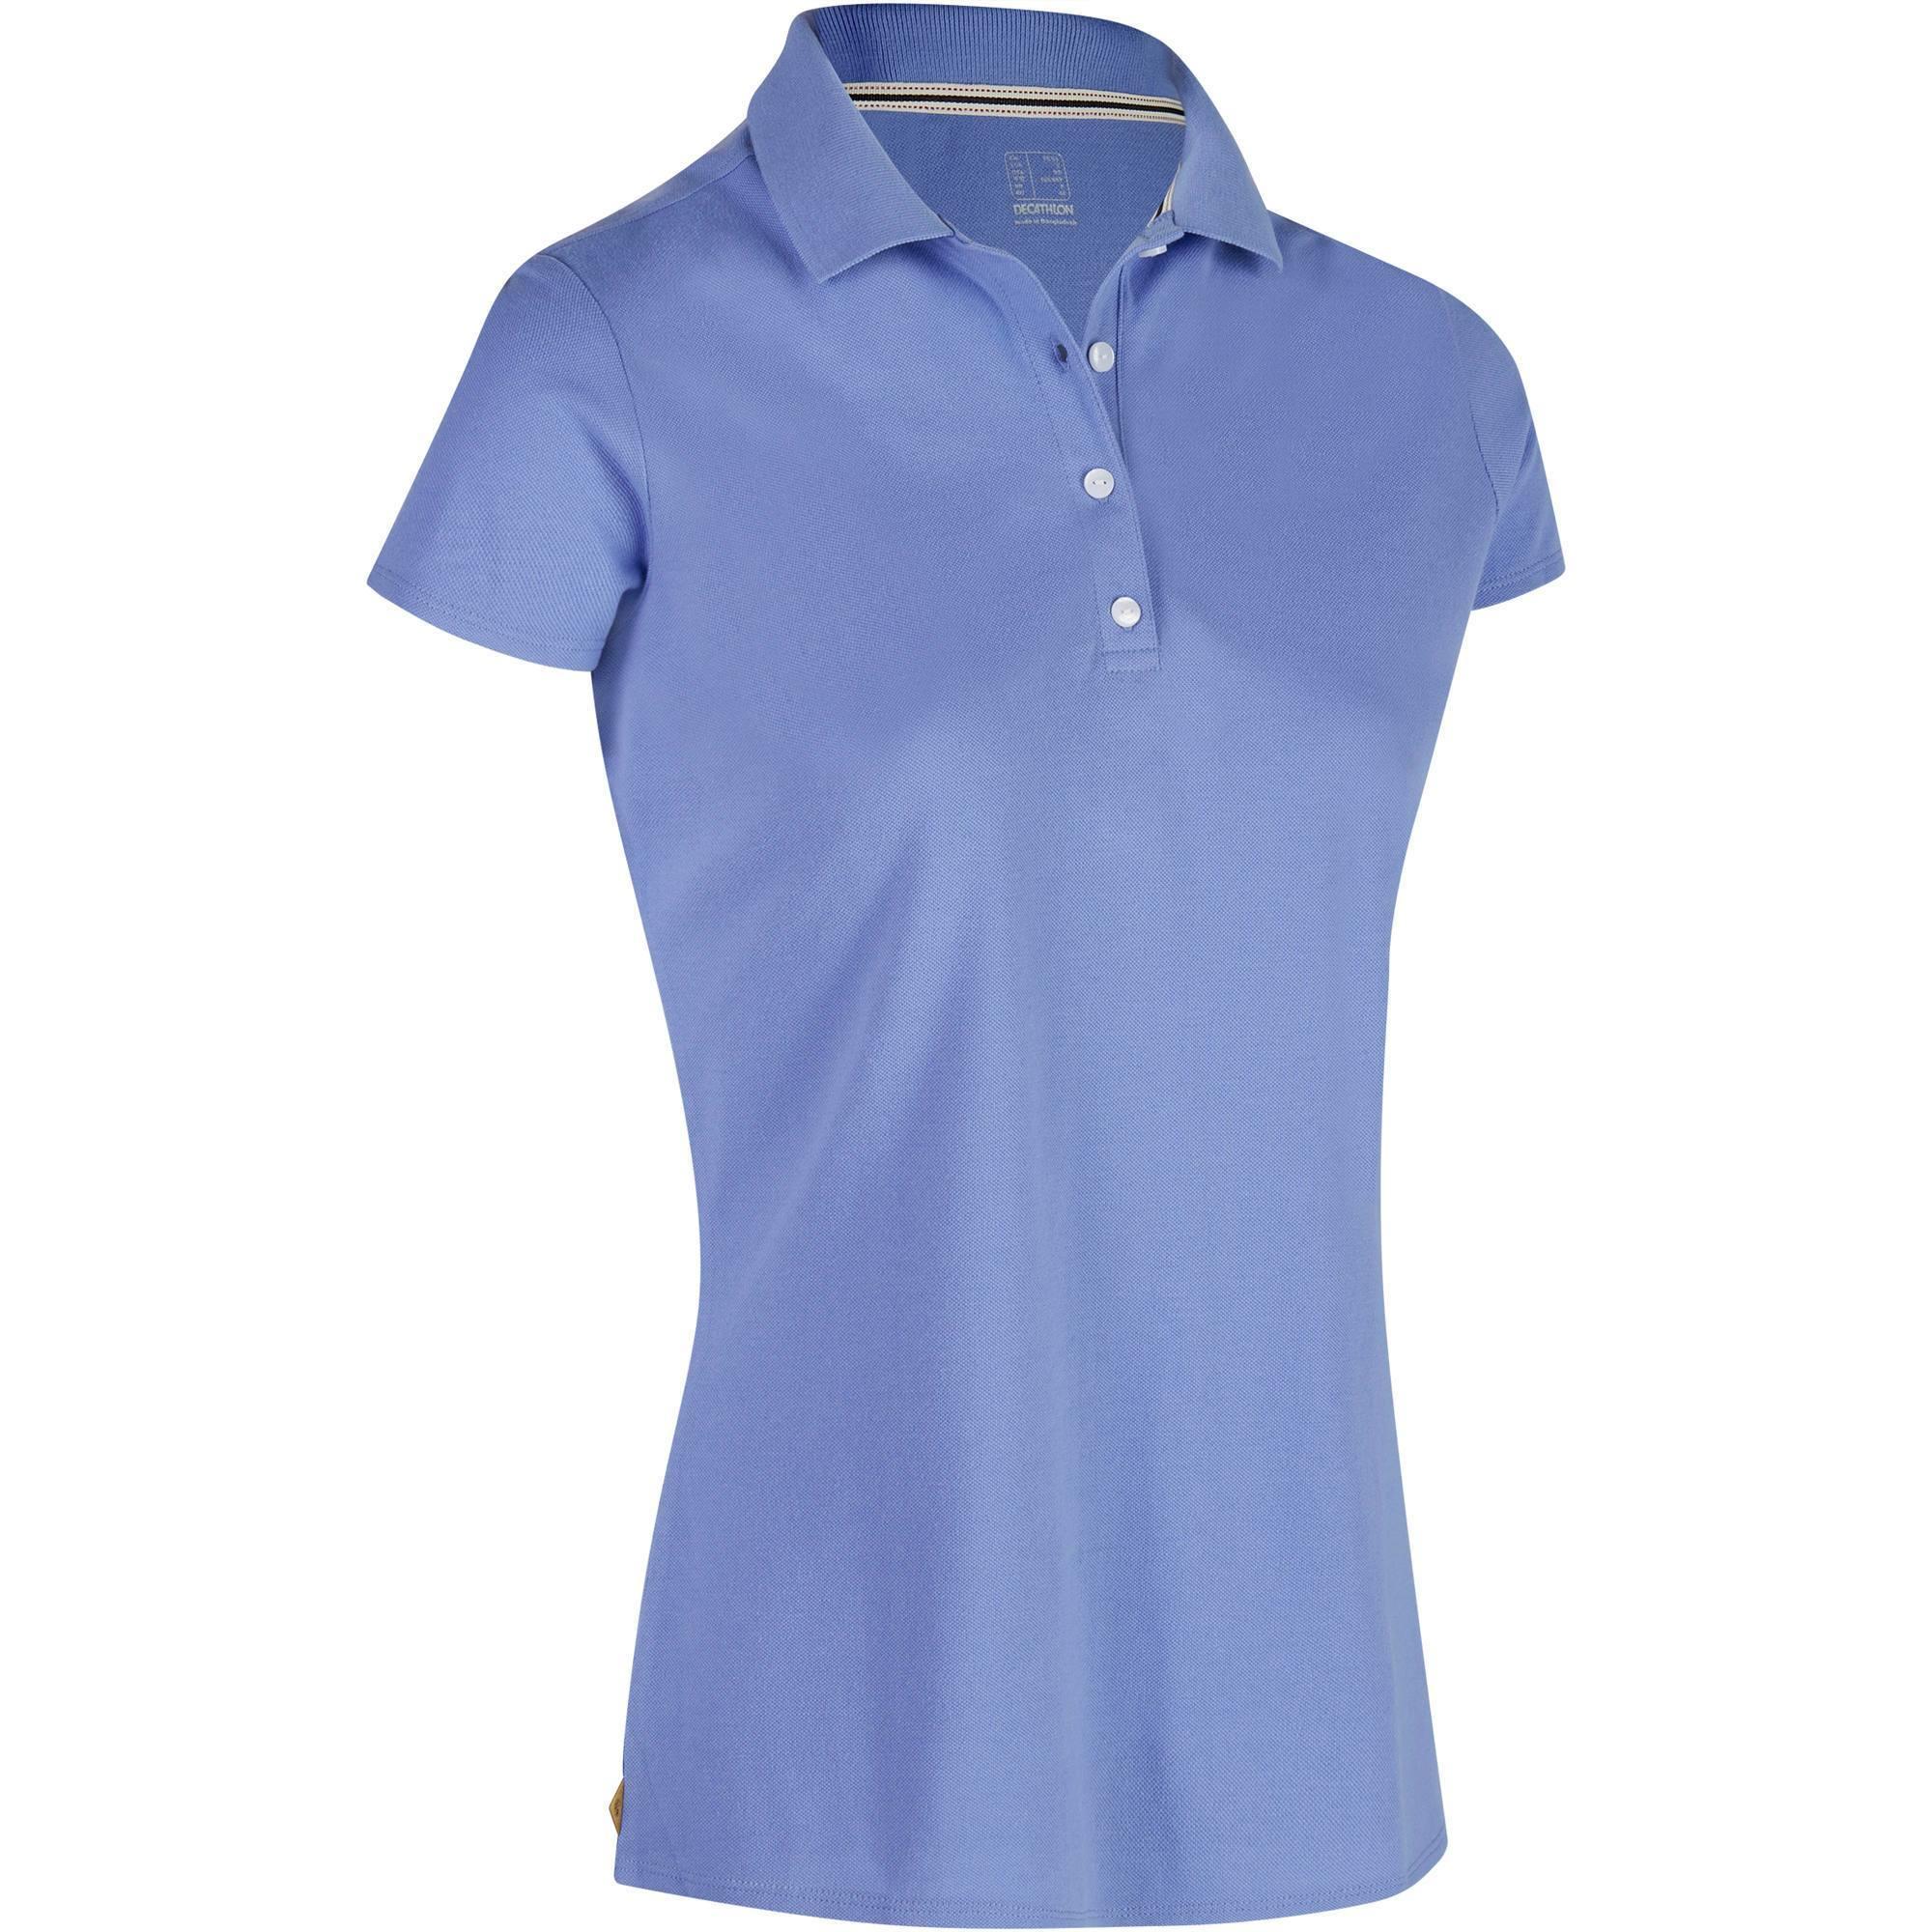 Polo de golf femme manches courtes 500 temps chaud bleu lavande